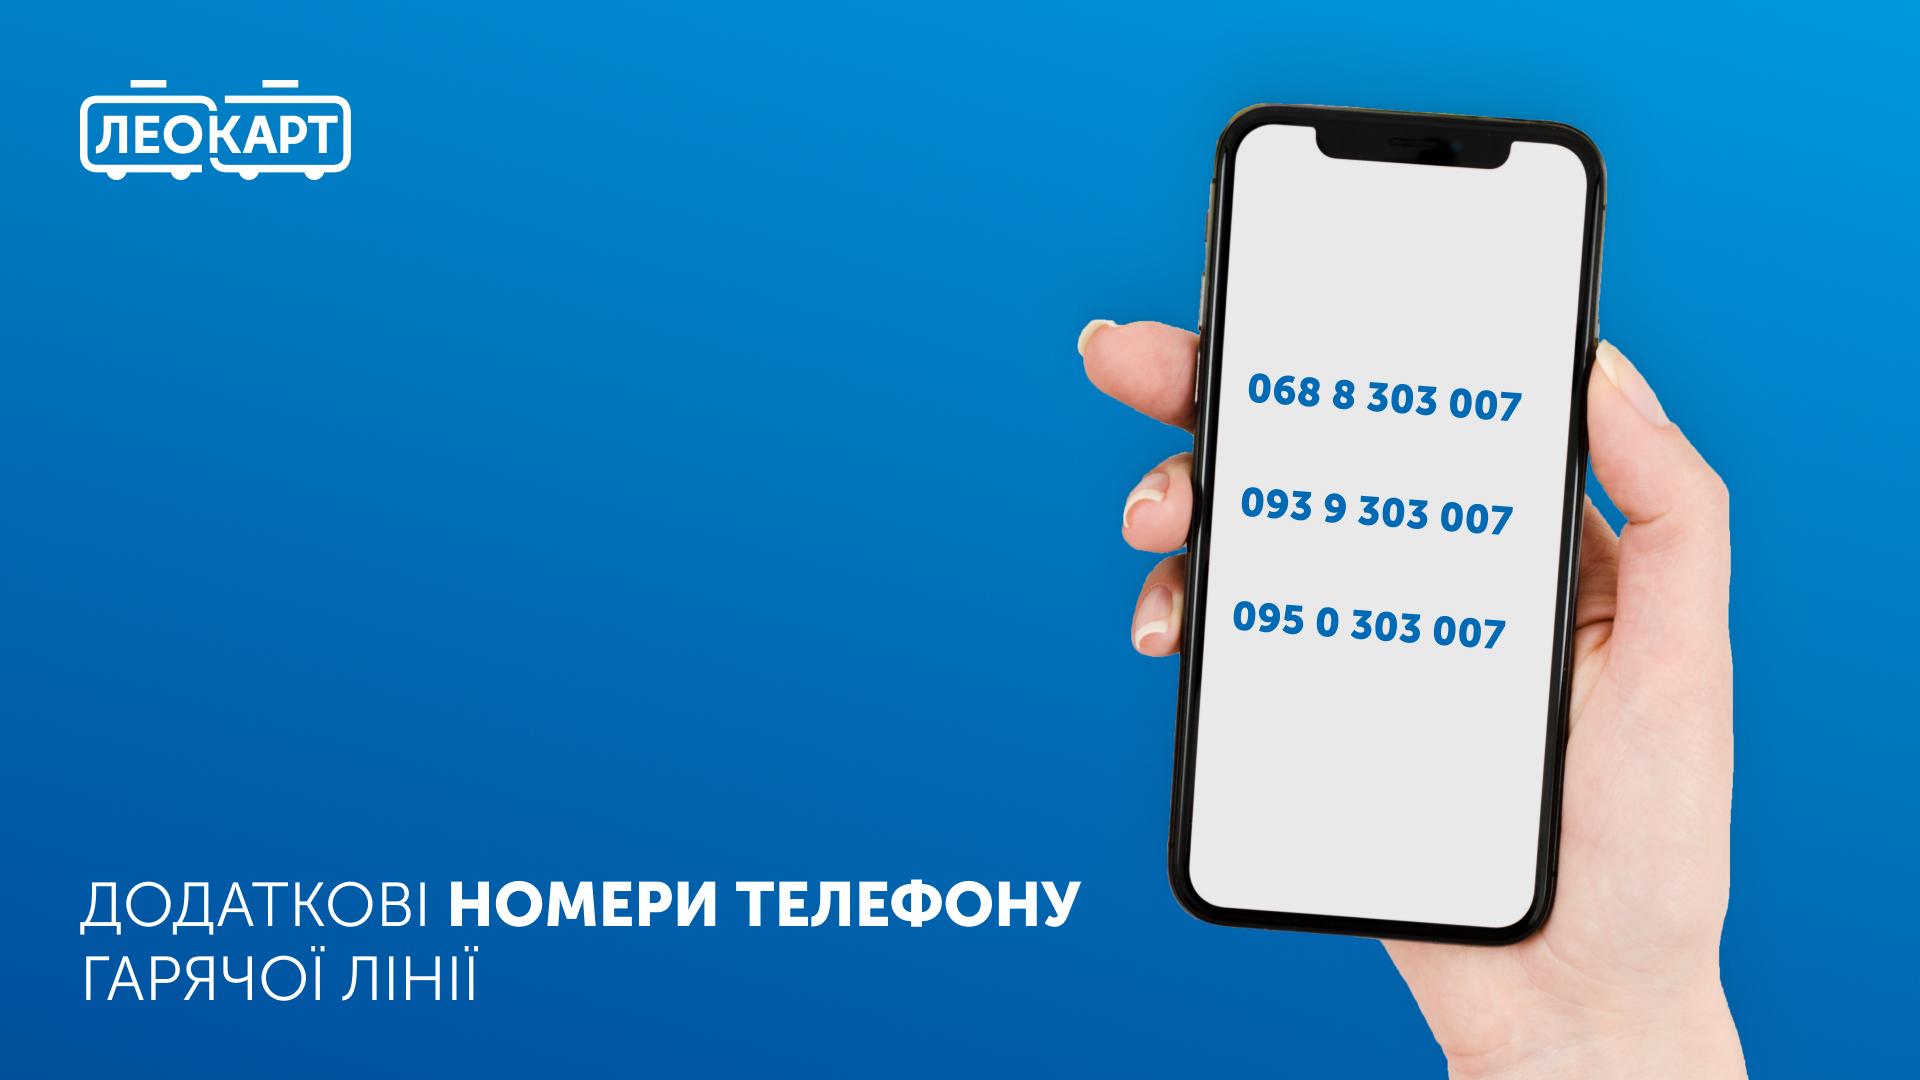 Додаткові номери телефону гарячої лінії